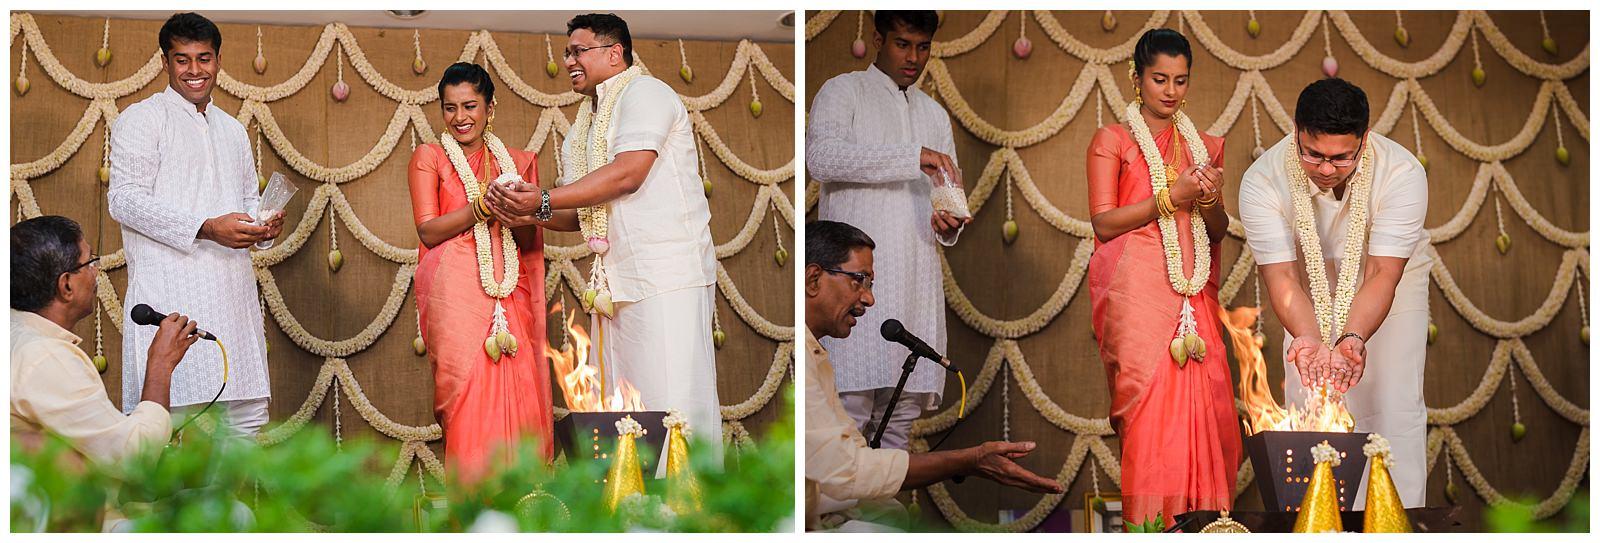 22012018-Siddharth-Shradha-Wedding-Candid-SR251-560-36.jpg